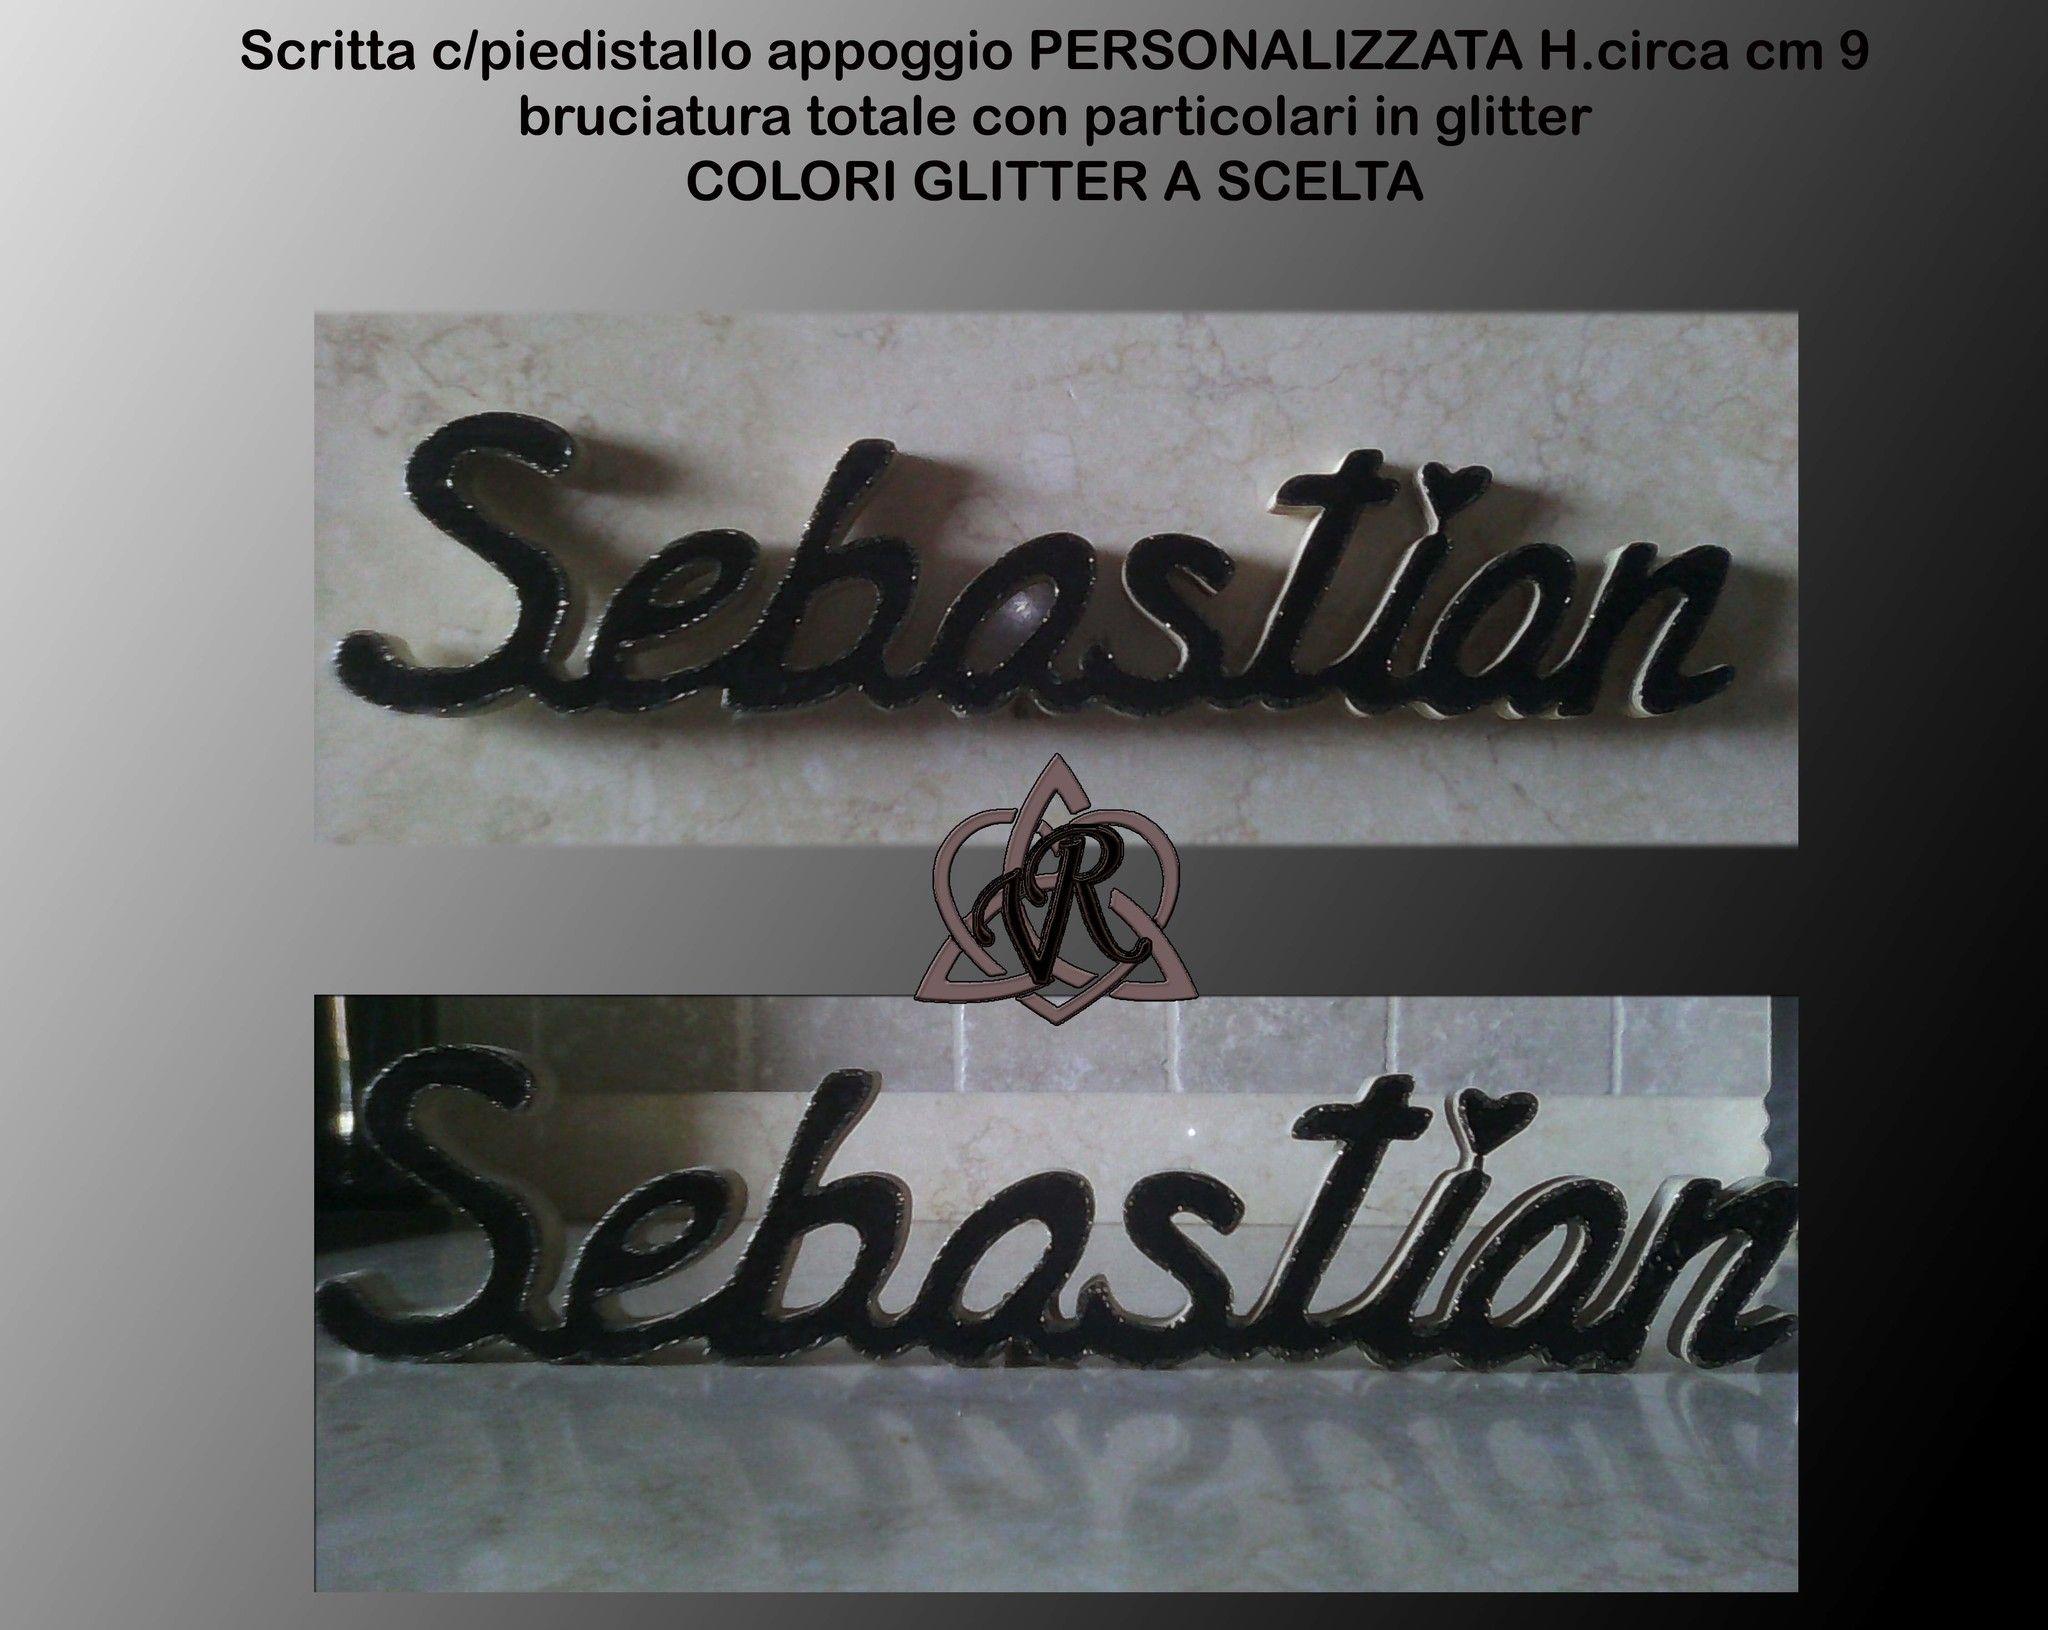 Scritta personalizzata c/piedistallo H circa 9 cm